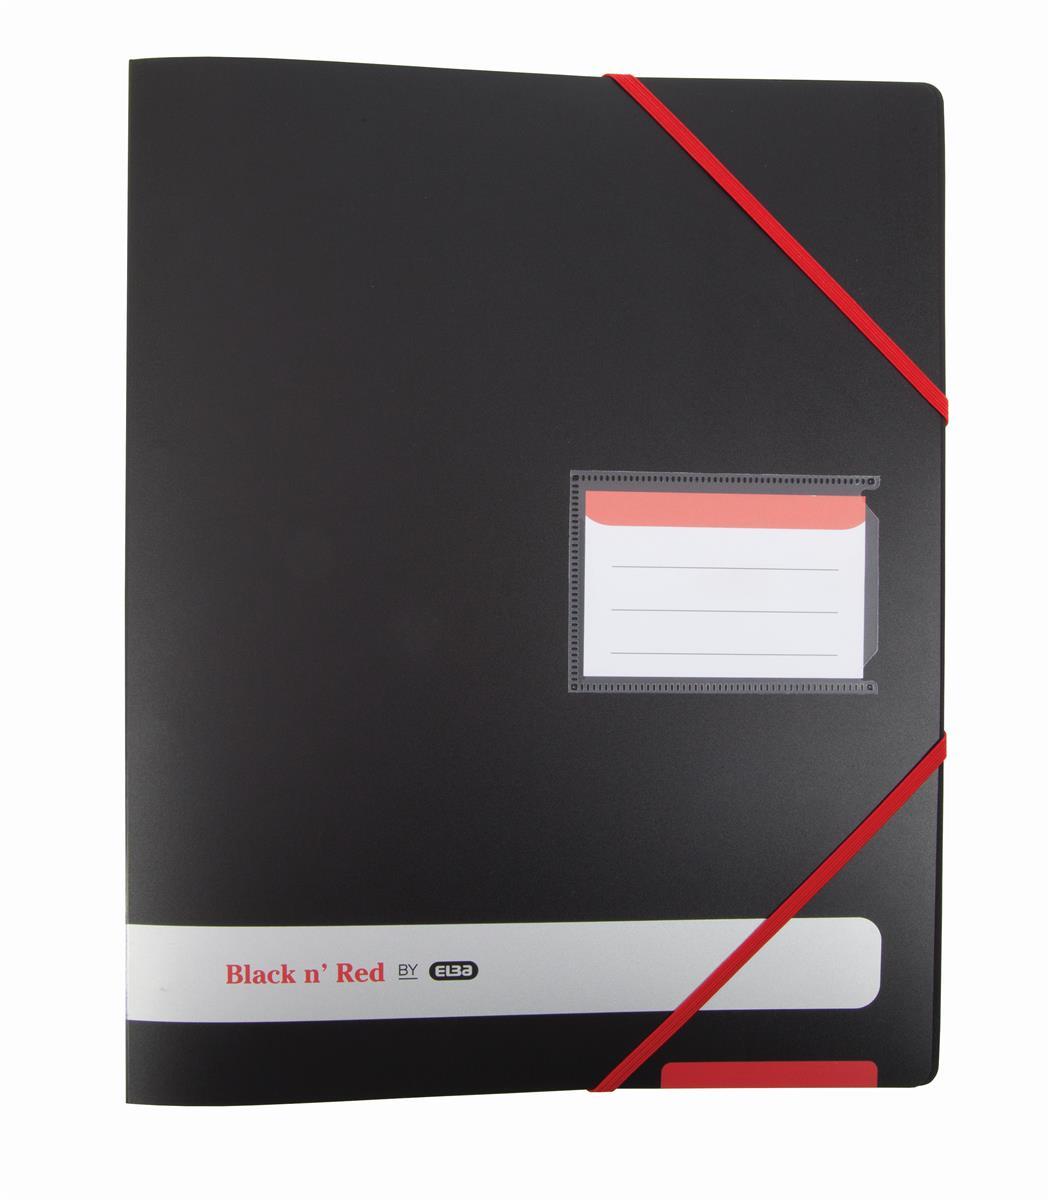 Black N Red Polypropylene Ring Binder Ref 400078863 [2 For 1] Jan-Dec 2018